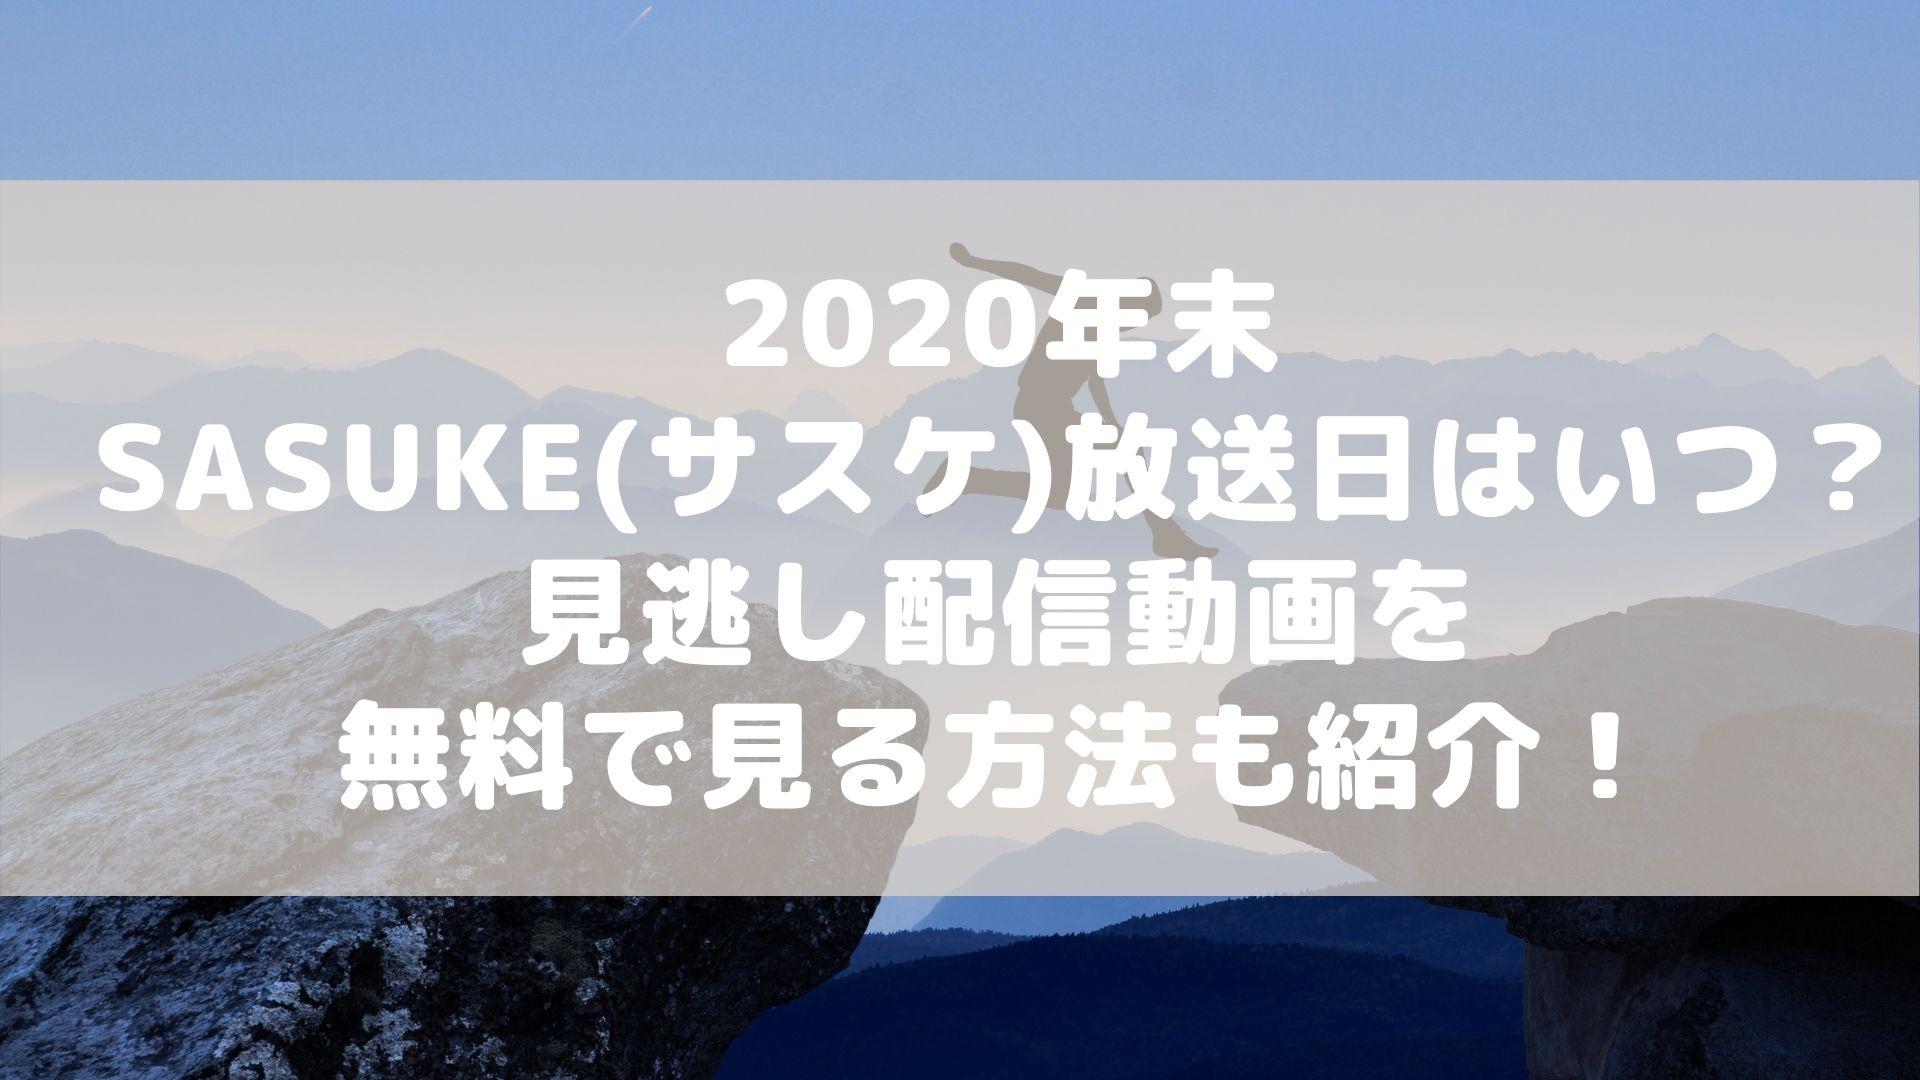 2020年末のSASUKE(サスケ)放送日はいつ?見逃し配信動画を無料で見る方法も紹介!タイトル画像